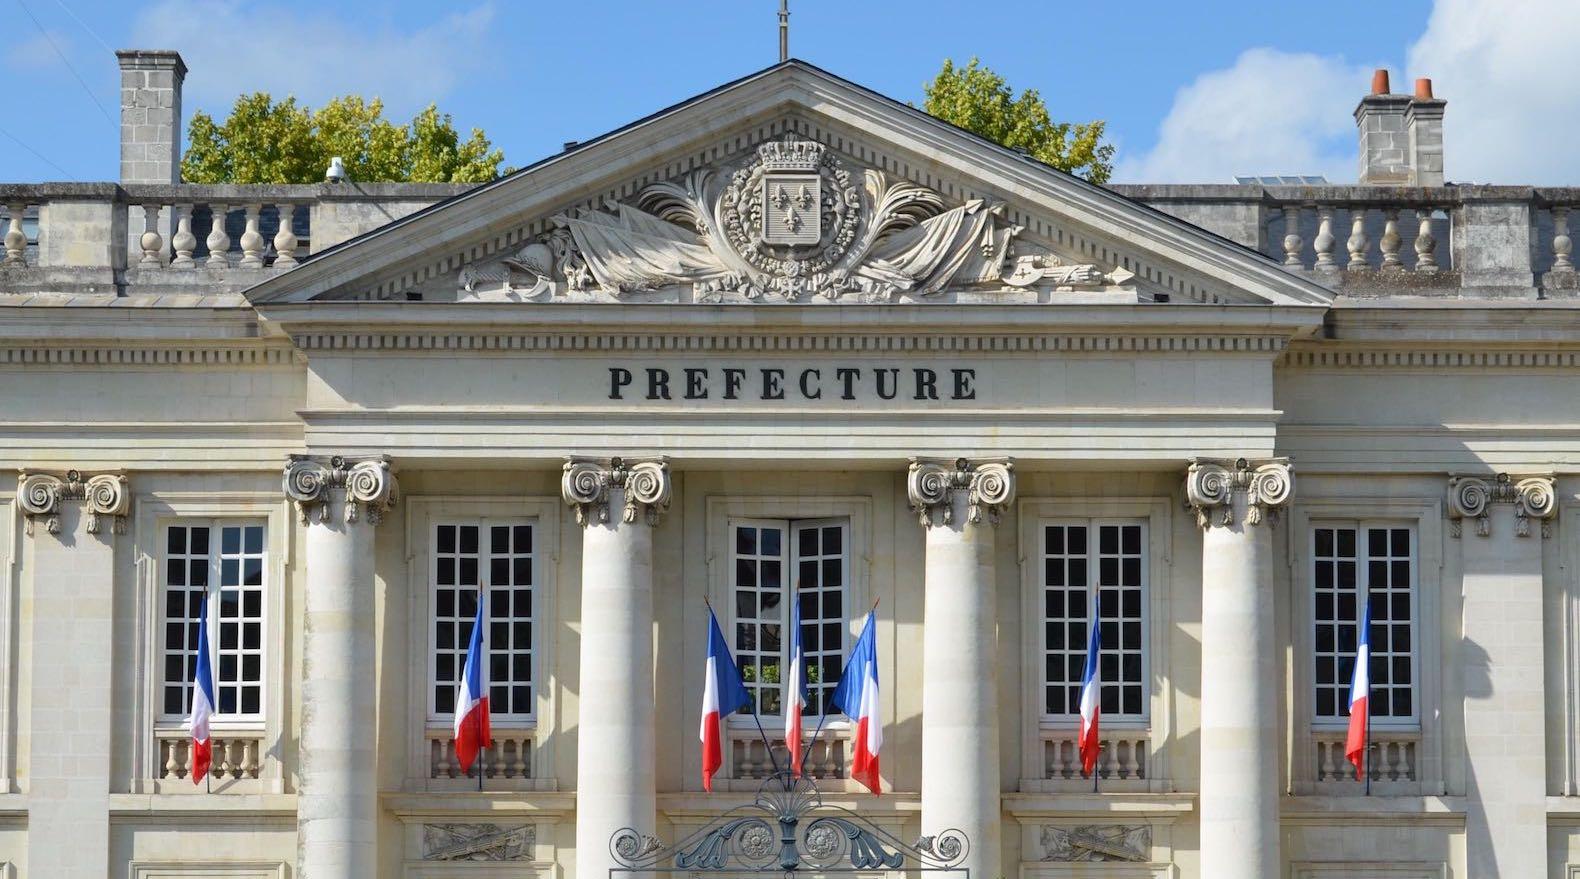 """Photo de l'Hôtel de préfecture de la Loire-Atlantique (utilisée à titre d'illustration uniquement). Crédit """"Selbymay"""" CC BY-SA 3.0 via Wikimedia Commons"""